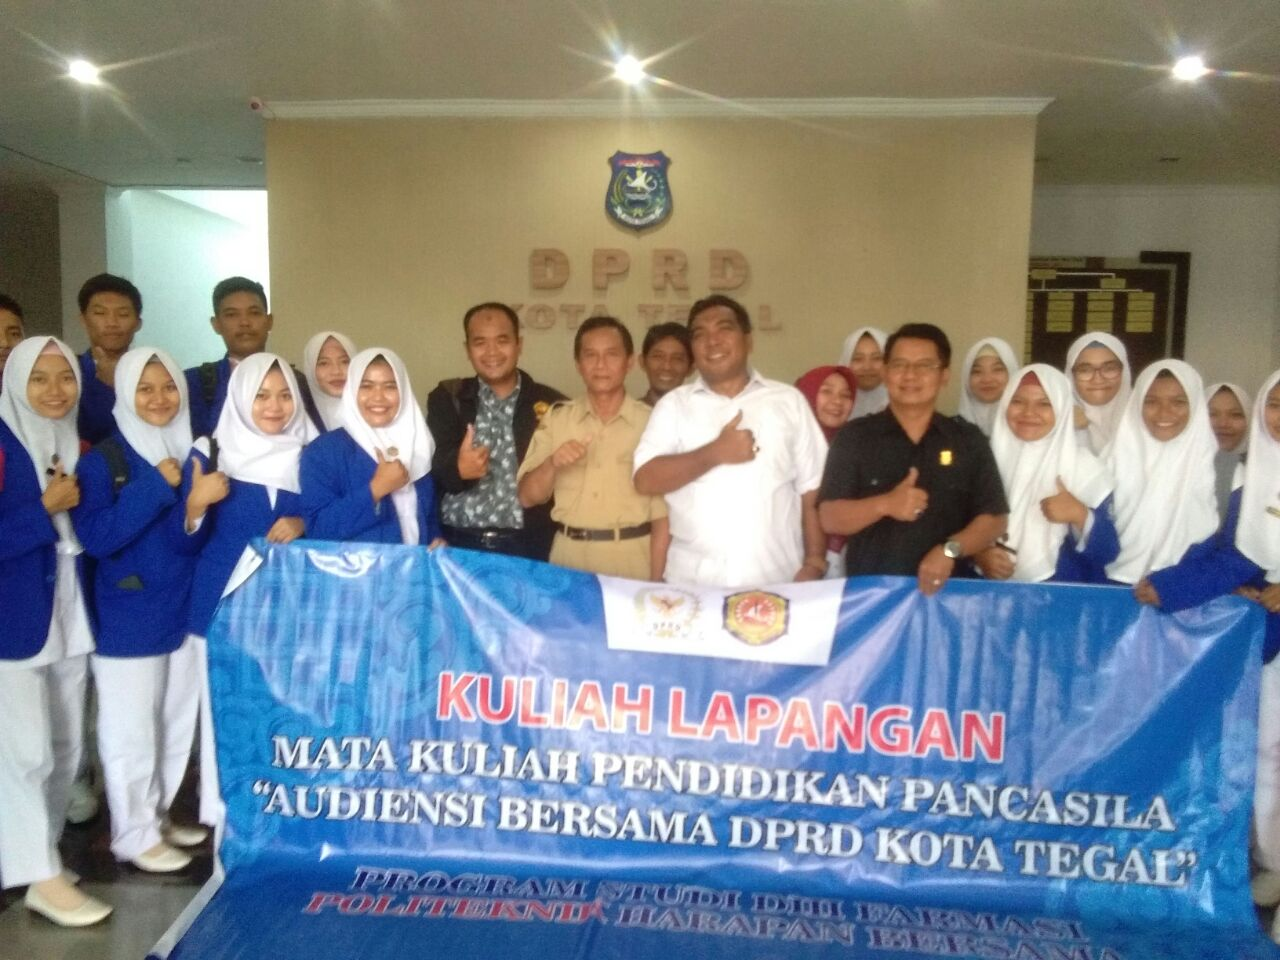 Audiensi Mahasiswa Politeknik Harapan Bersama Tegal Bersama DPRD Kota Tegal